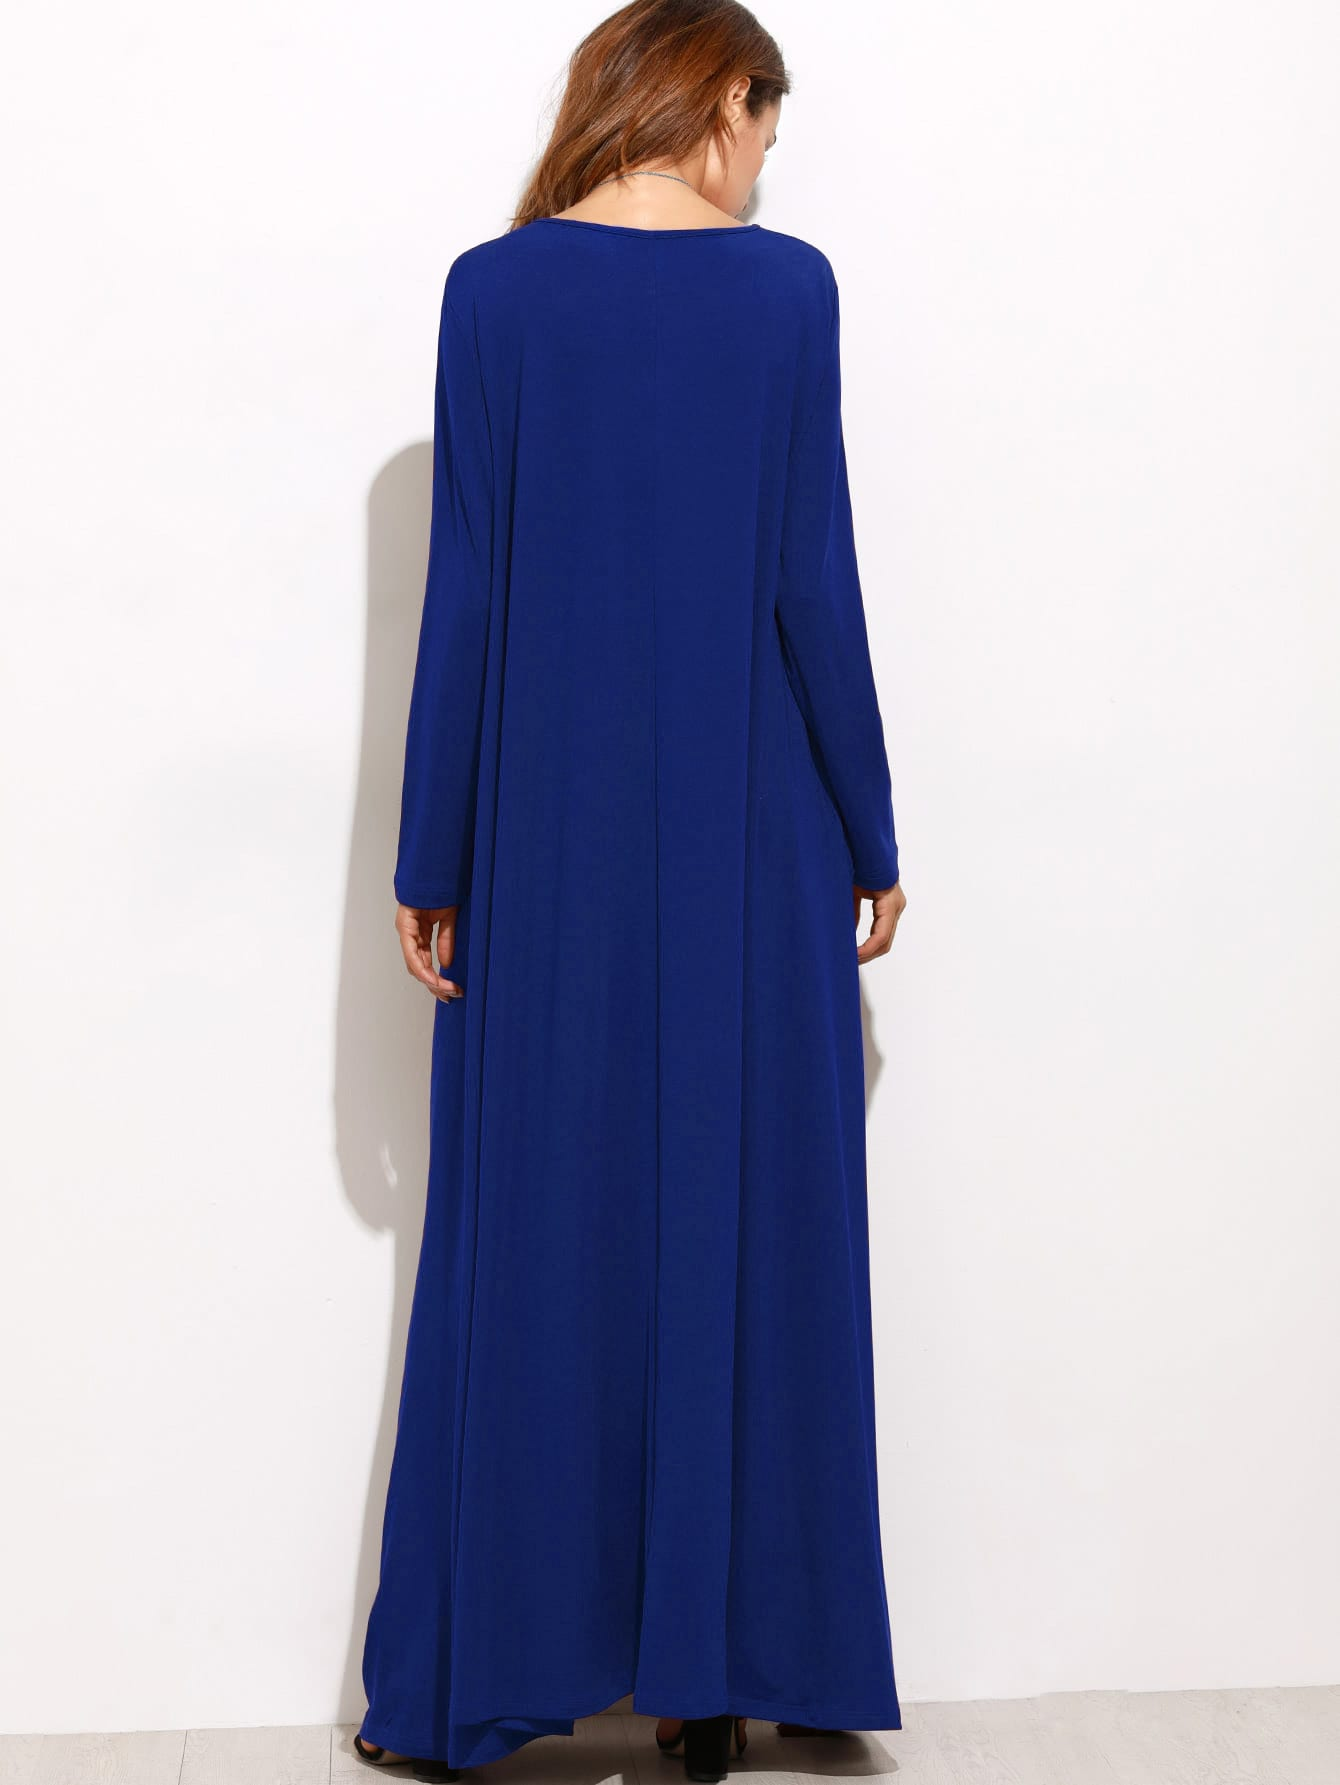 dress161123491_2